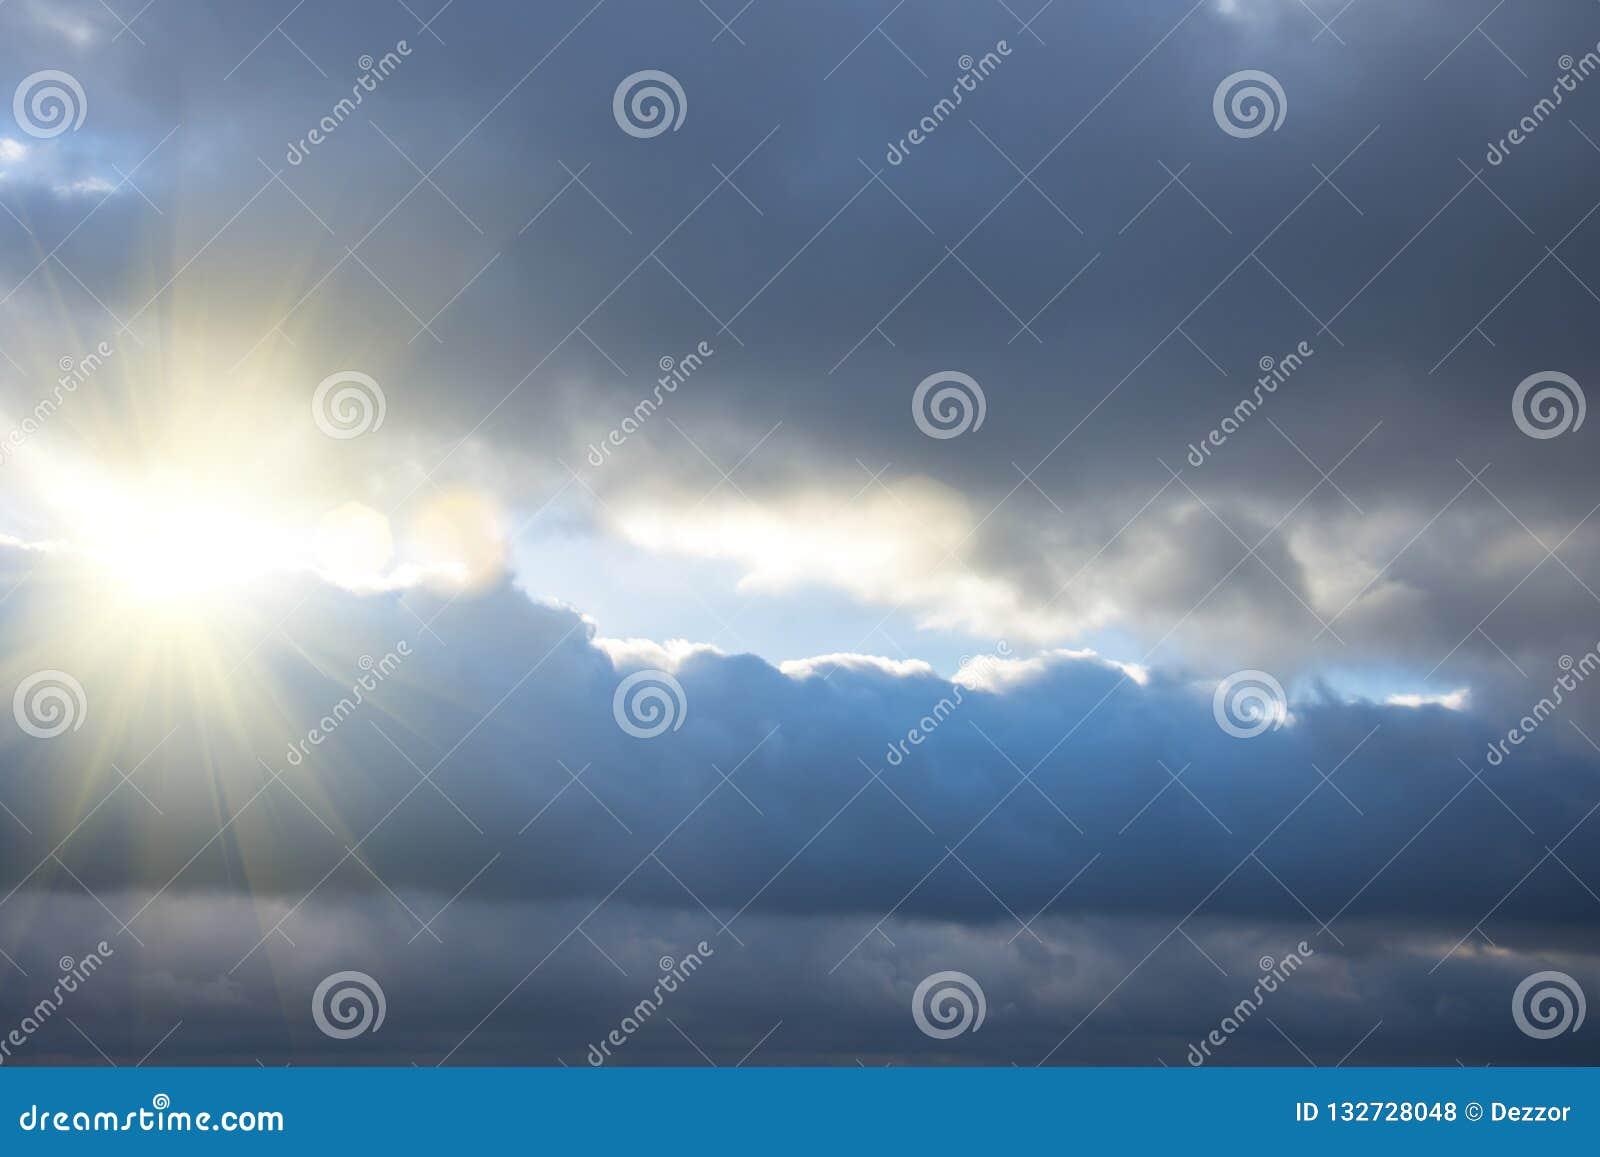 Rayons de lumière brillant par les nuages foncés, ciel dramatique avec le nuage